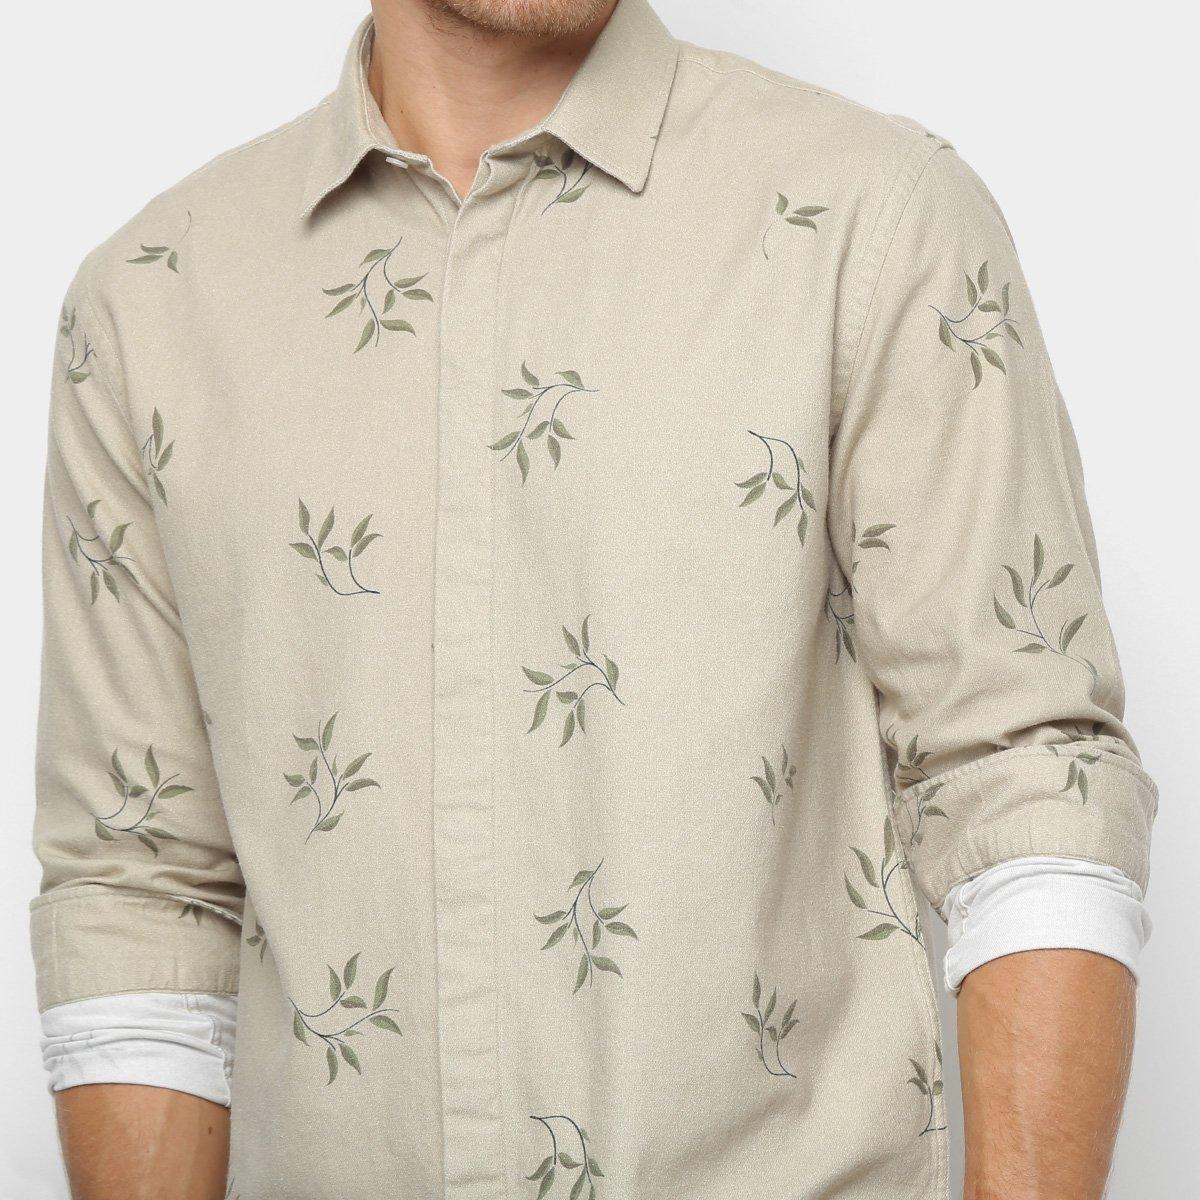 Camisa Foxton Manga Longa Estampa Folhagem Masculina - Bege